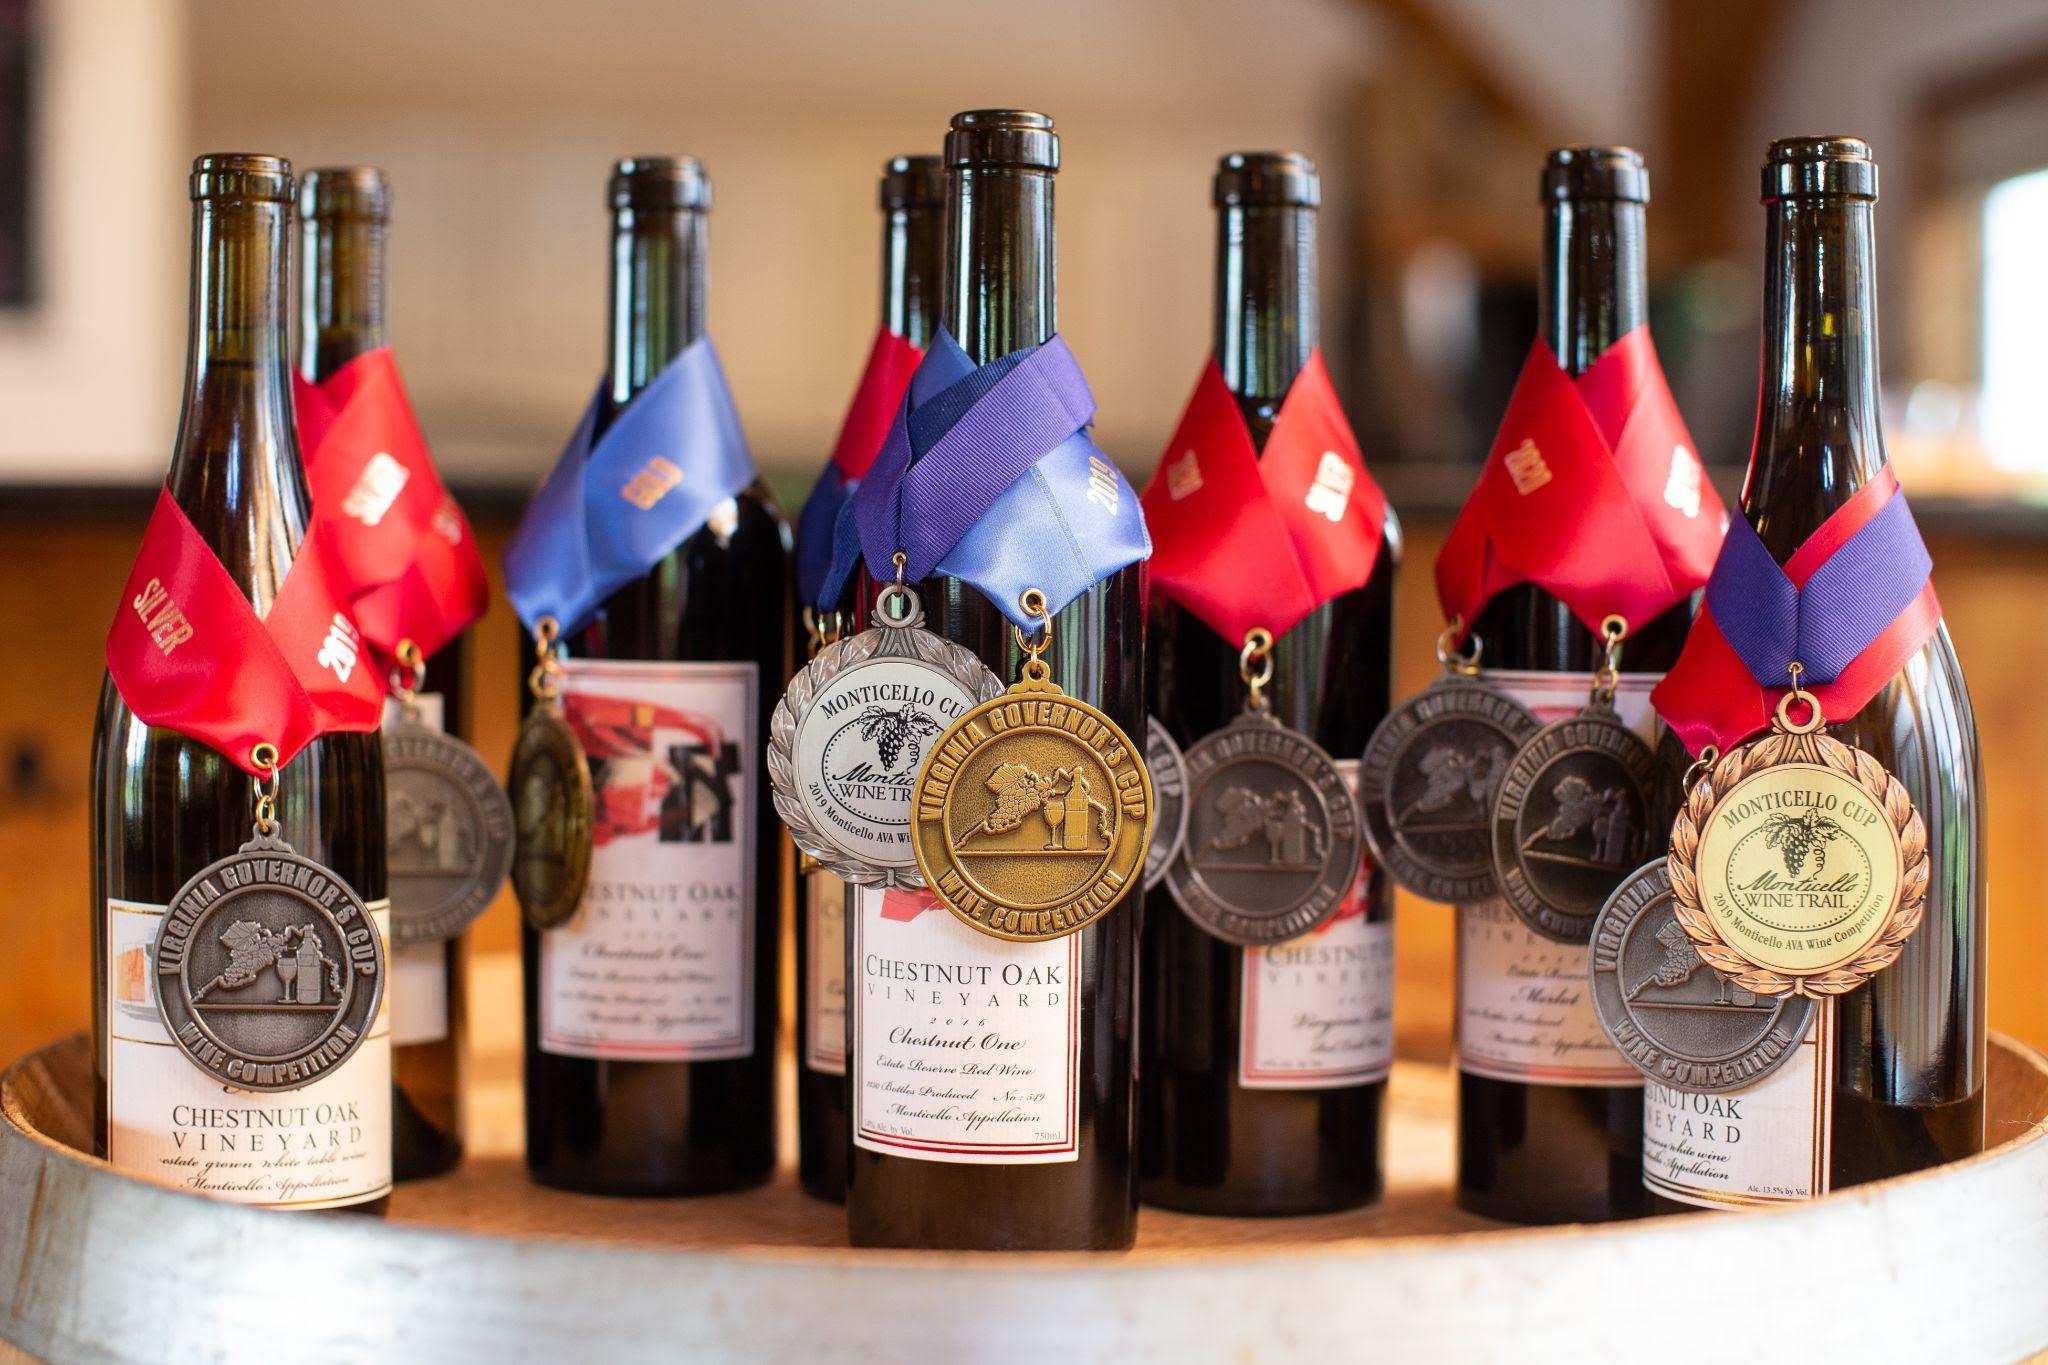 Chestnut Oak Winery: Capturing Virginia's Beauty in Every Bottle